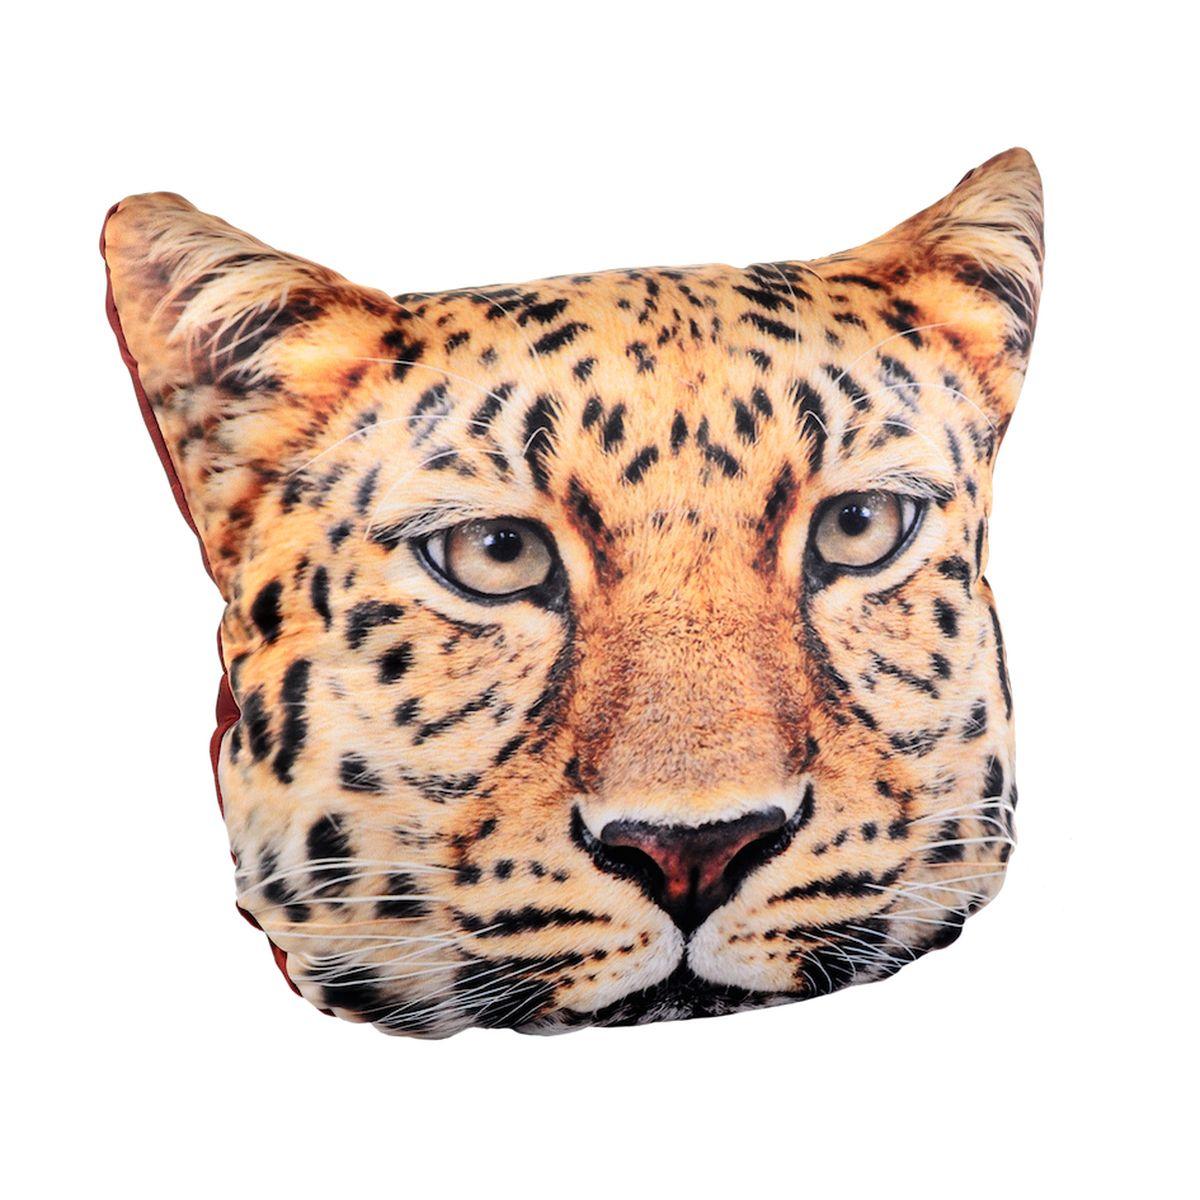 Подушка декоративная GiftnHome Леопард, 40 x 40 смPLW-Face ЛеопардПодушка декоративная GiftnHome, выполненная в виде морды леопарда, прекрасно дополнит интерьер спальни или гостиной. Чехол подушки изготовлен из атласа (искусственный шелк). В качестве наполнителя используется мягкий холлофайбер. Чехол снабжен потайной застежкой-молнией, благодаря чему его легко можно снять и постирать. Красивая подушка создаст атмосферу уюта в доме и станет прекрасным элементом декора.